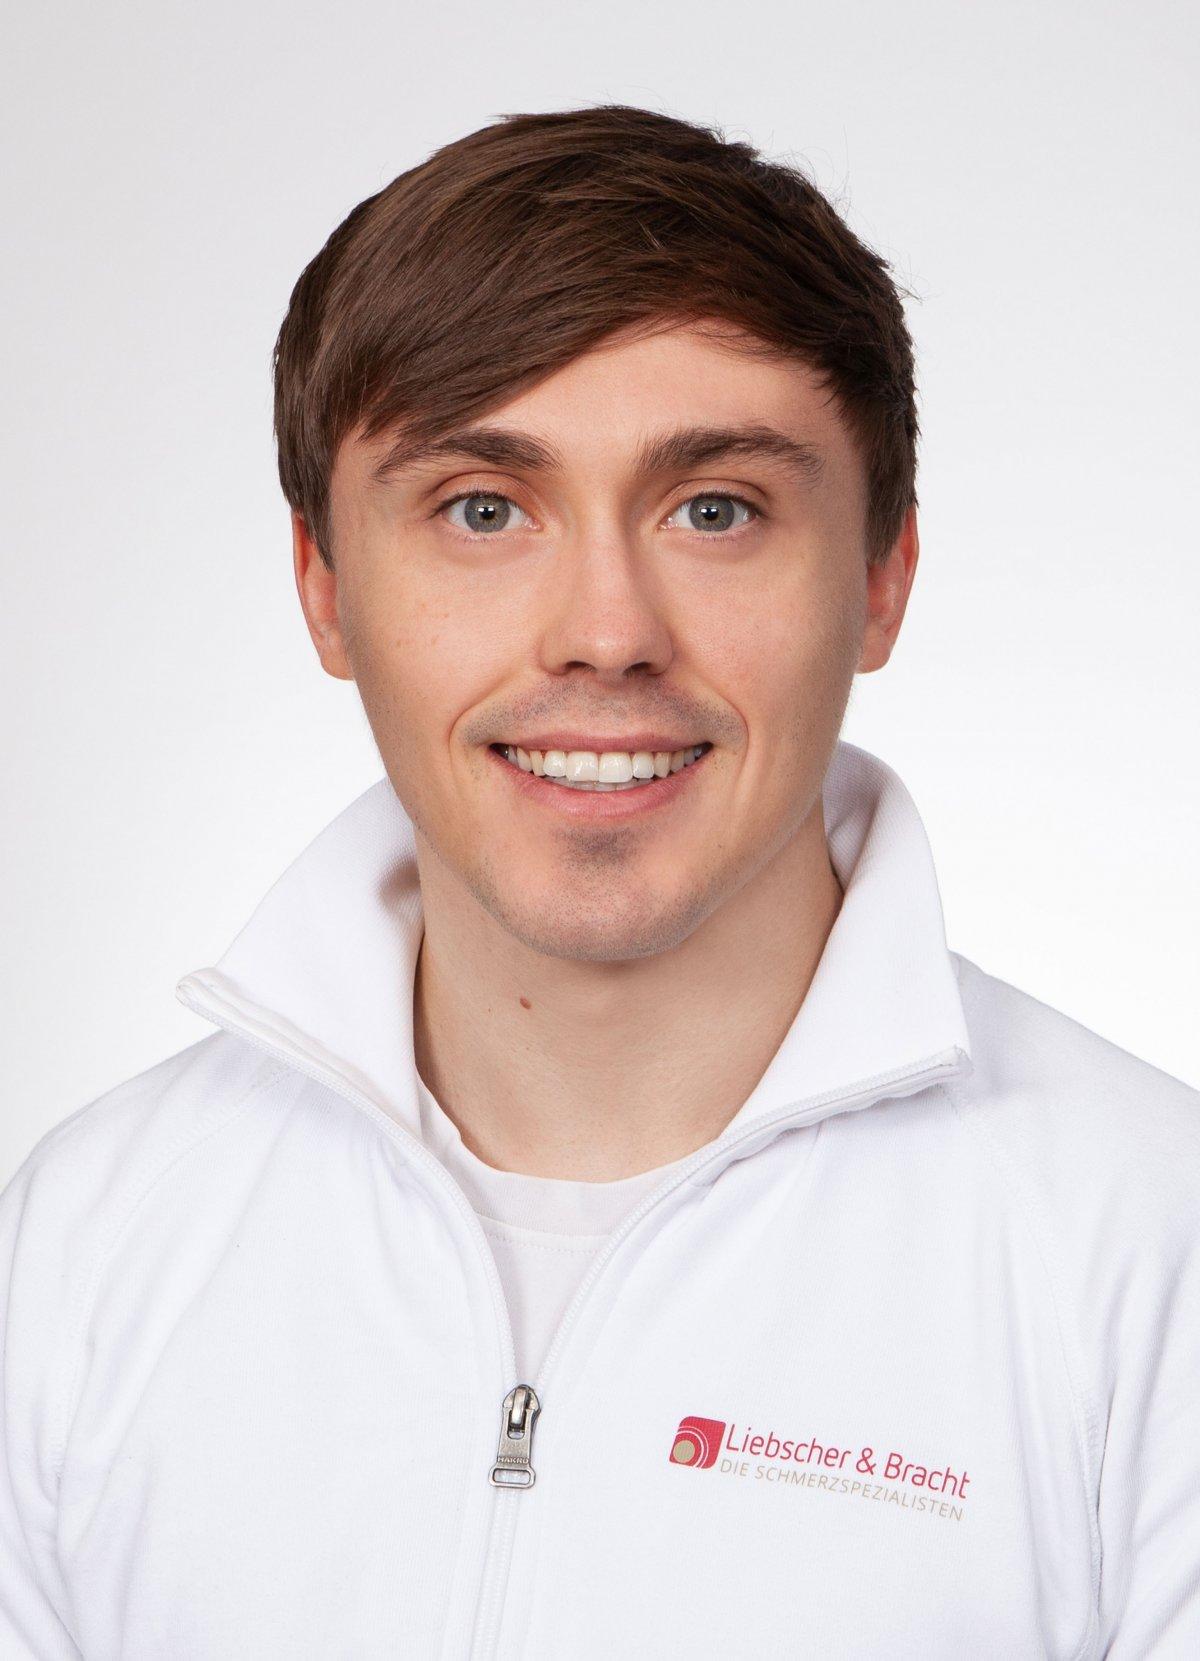 Der Sportwissenschaftler aus Hannover Dominik Machner ist im Portrait vor einem weißen Hintergrund fotografiert. Er hat braune Haare und trägt eine weiße Liebscher & Bracht Jacke.